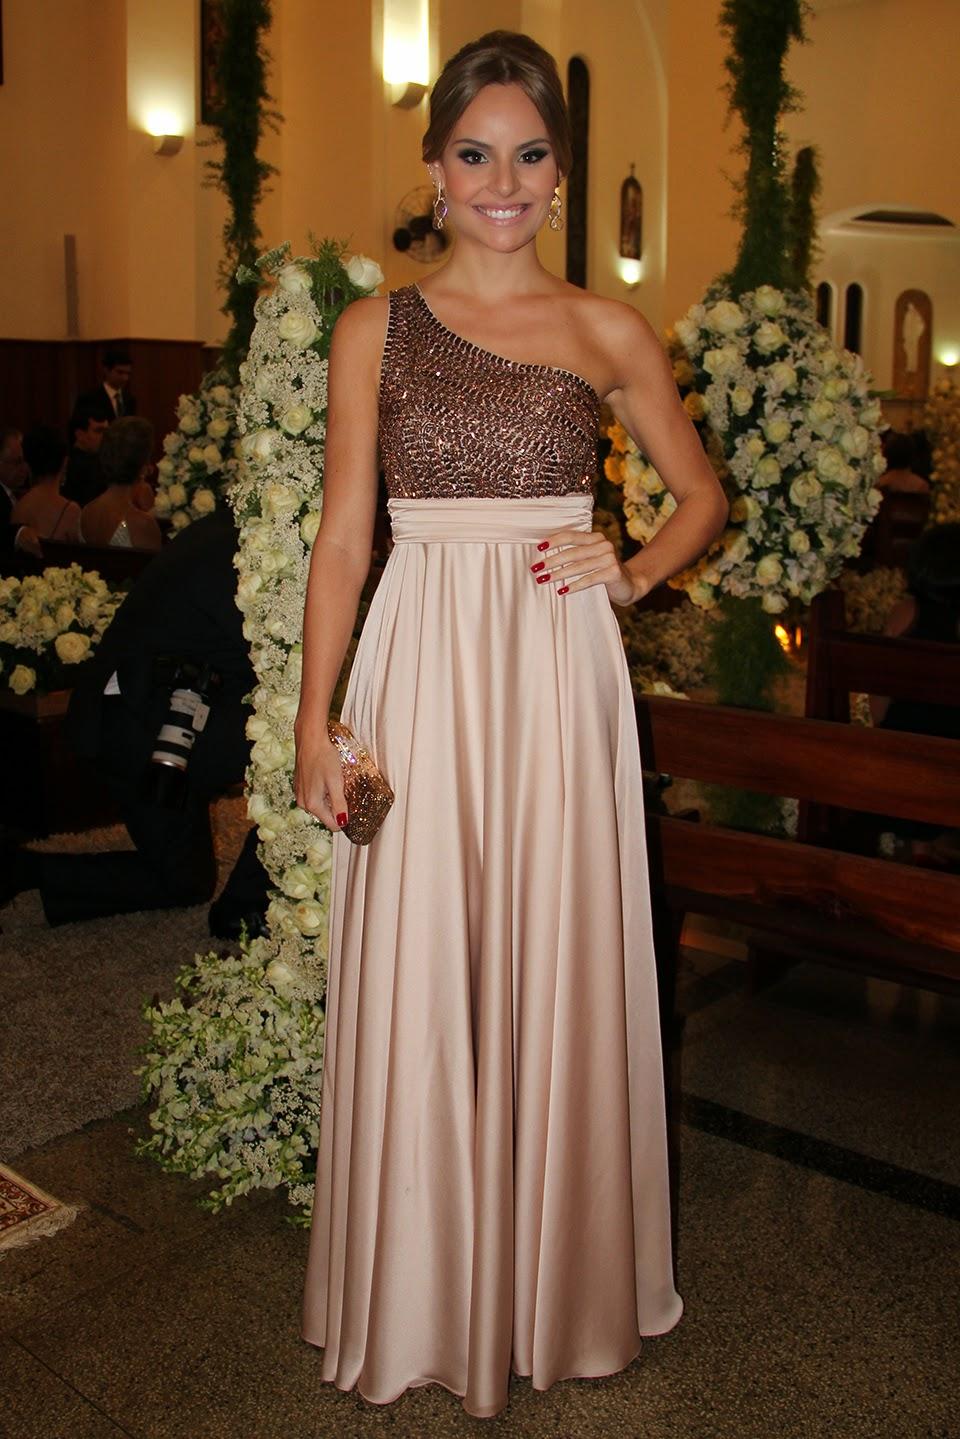 3a3a5d4ab Fonte: http://inspiredresses.com.br/missao-vestido-madrinha-de-casamento/